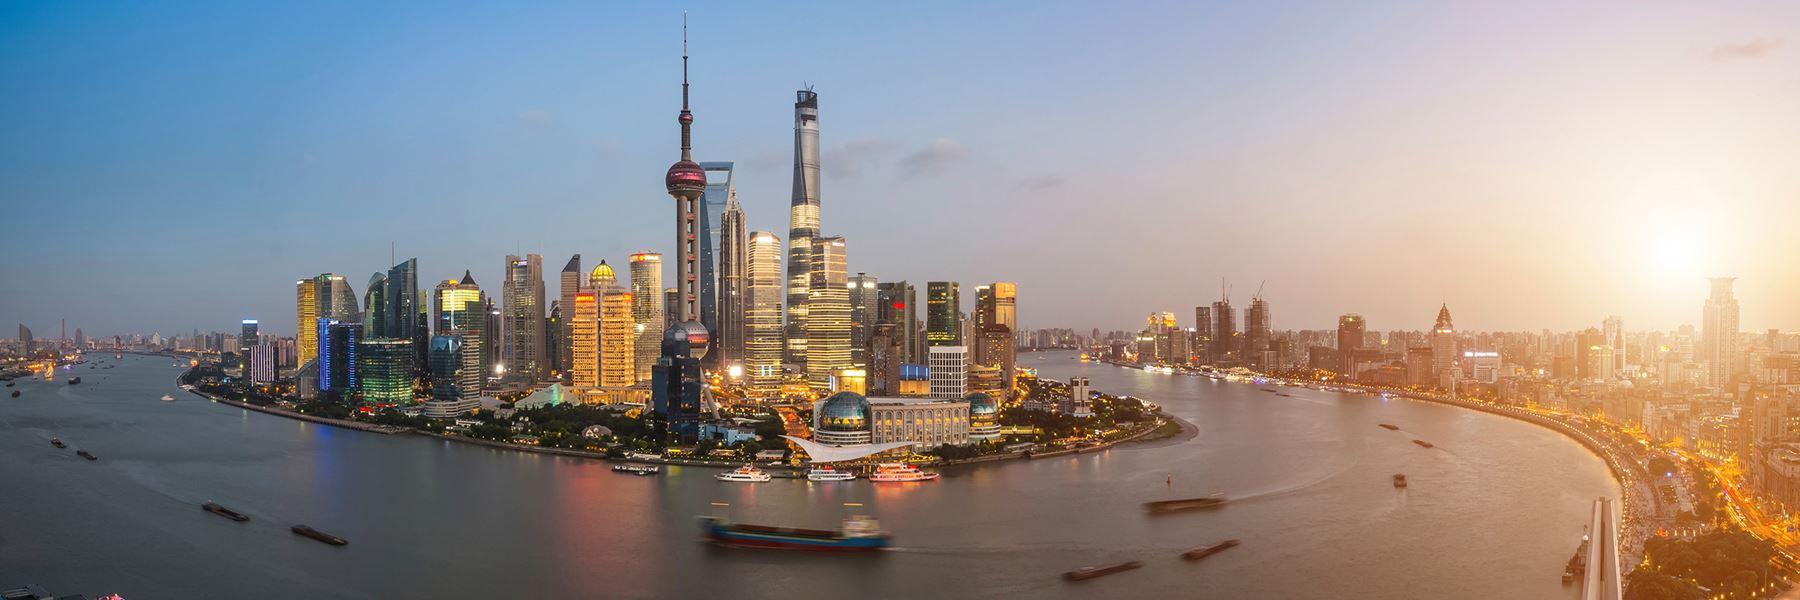 iStock_000051966614_panoramic_skyline_of_shanghai.jpg